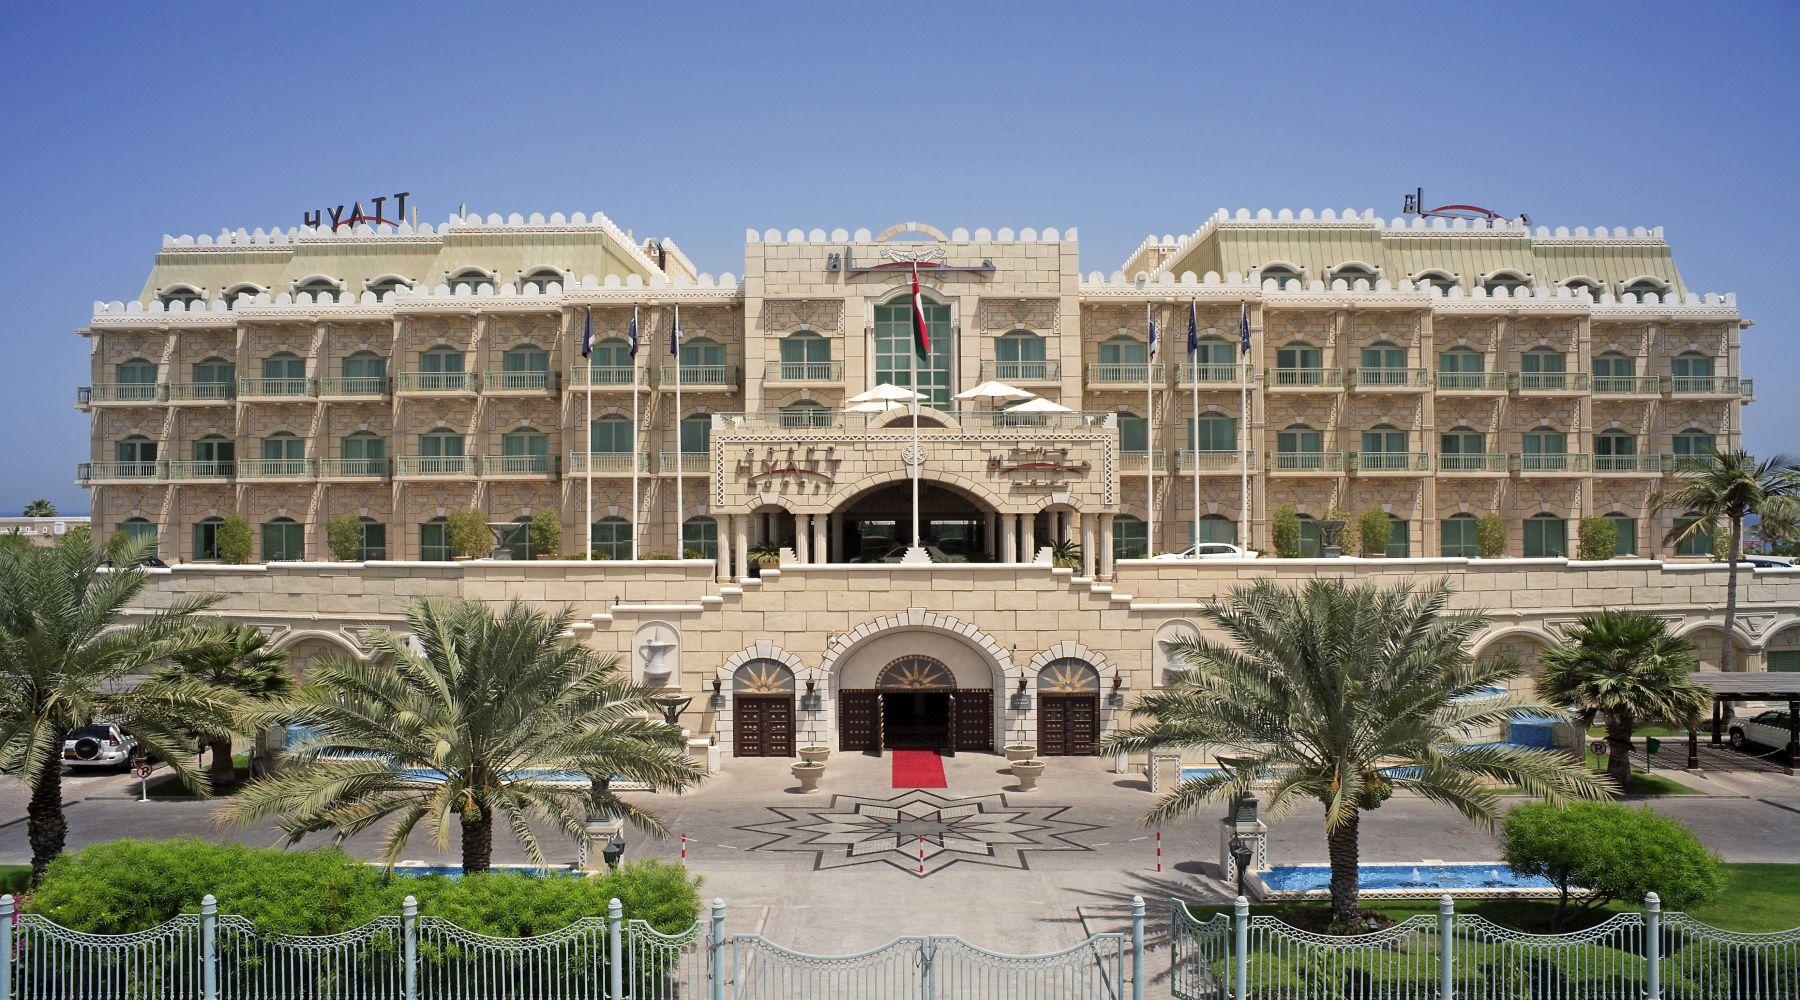 Grand Hyatt, Oman